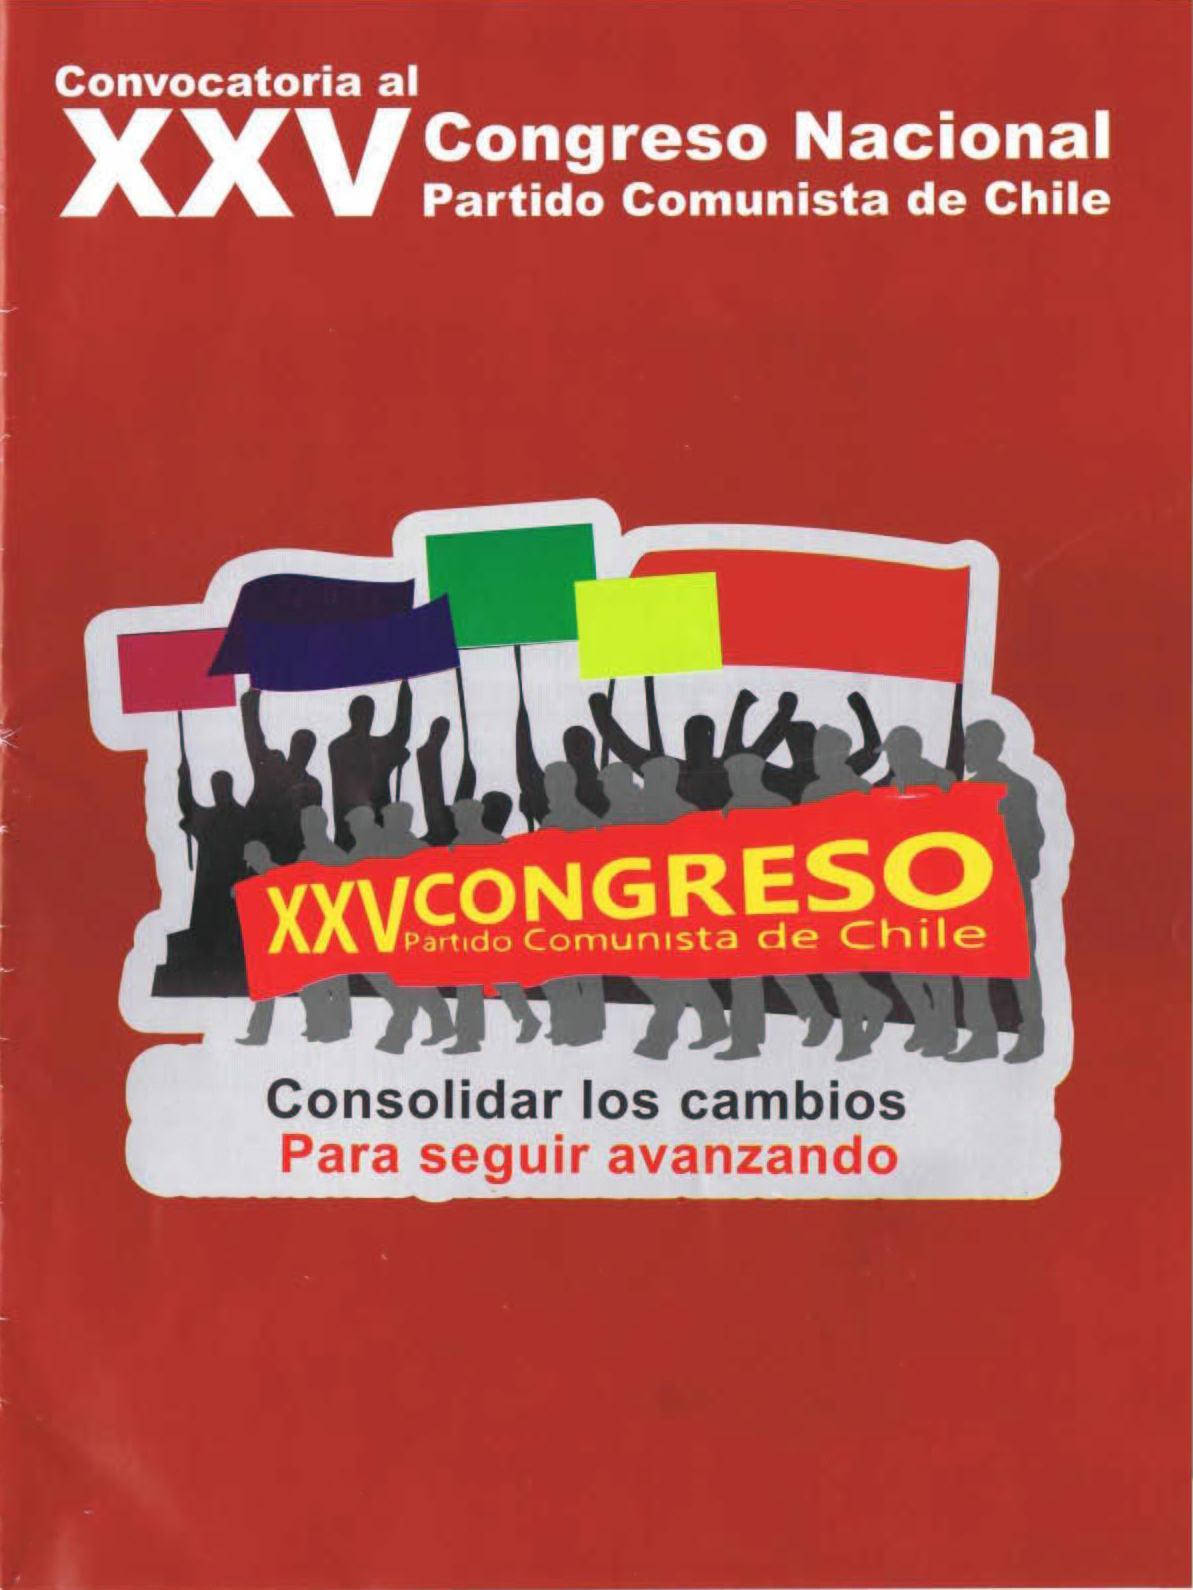 CONVOCATORIA AL XXV CONGRESO NACIONAL  PARTIDO COMUNISTA DE CHILE